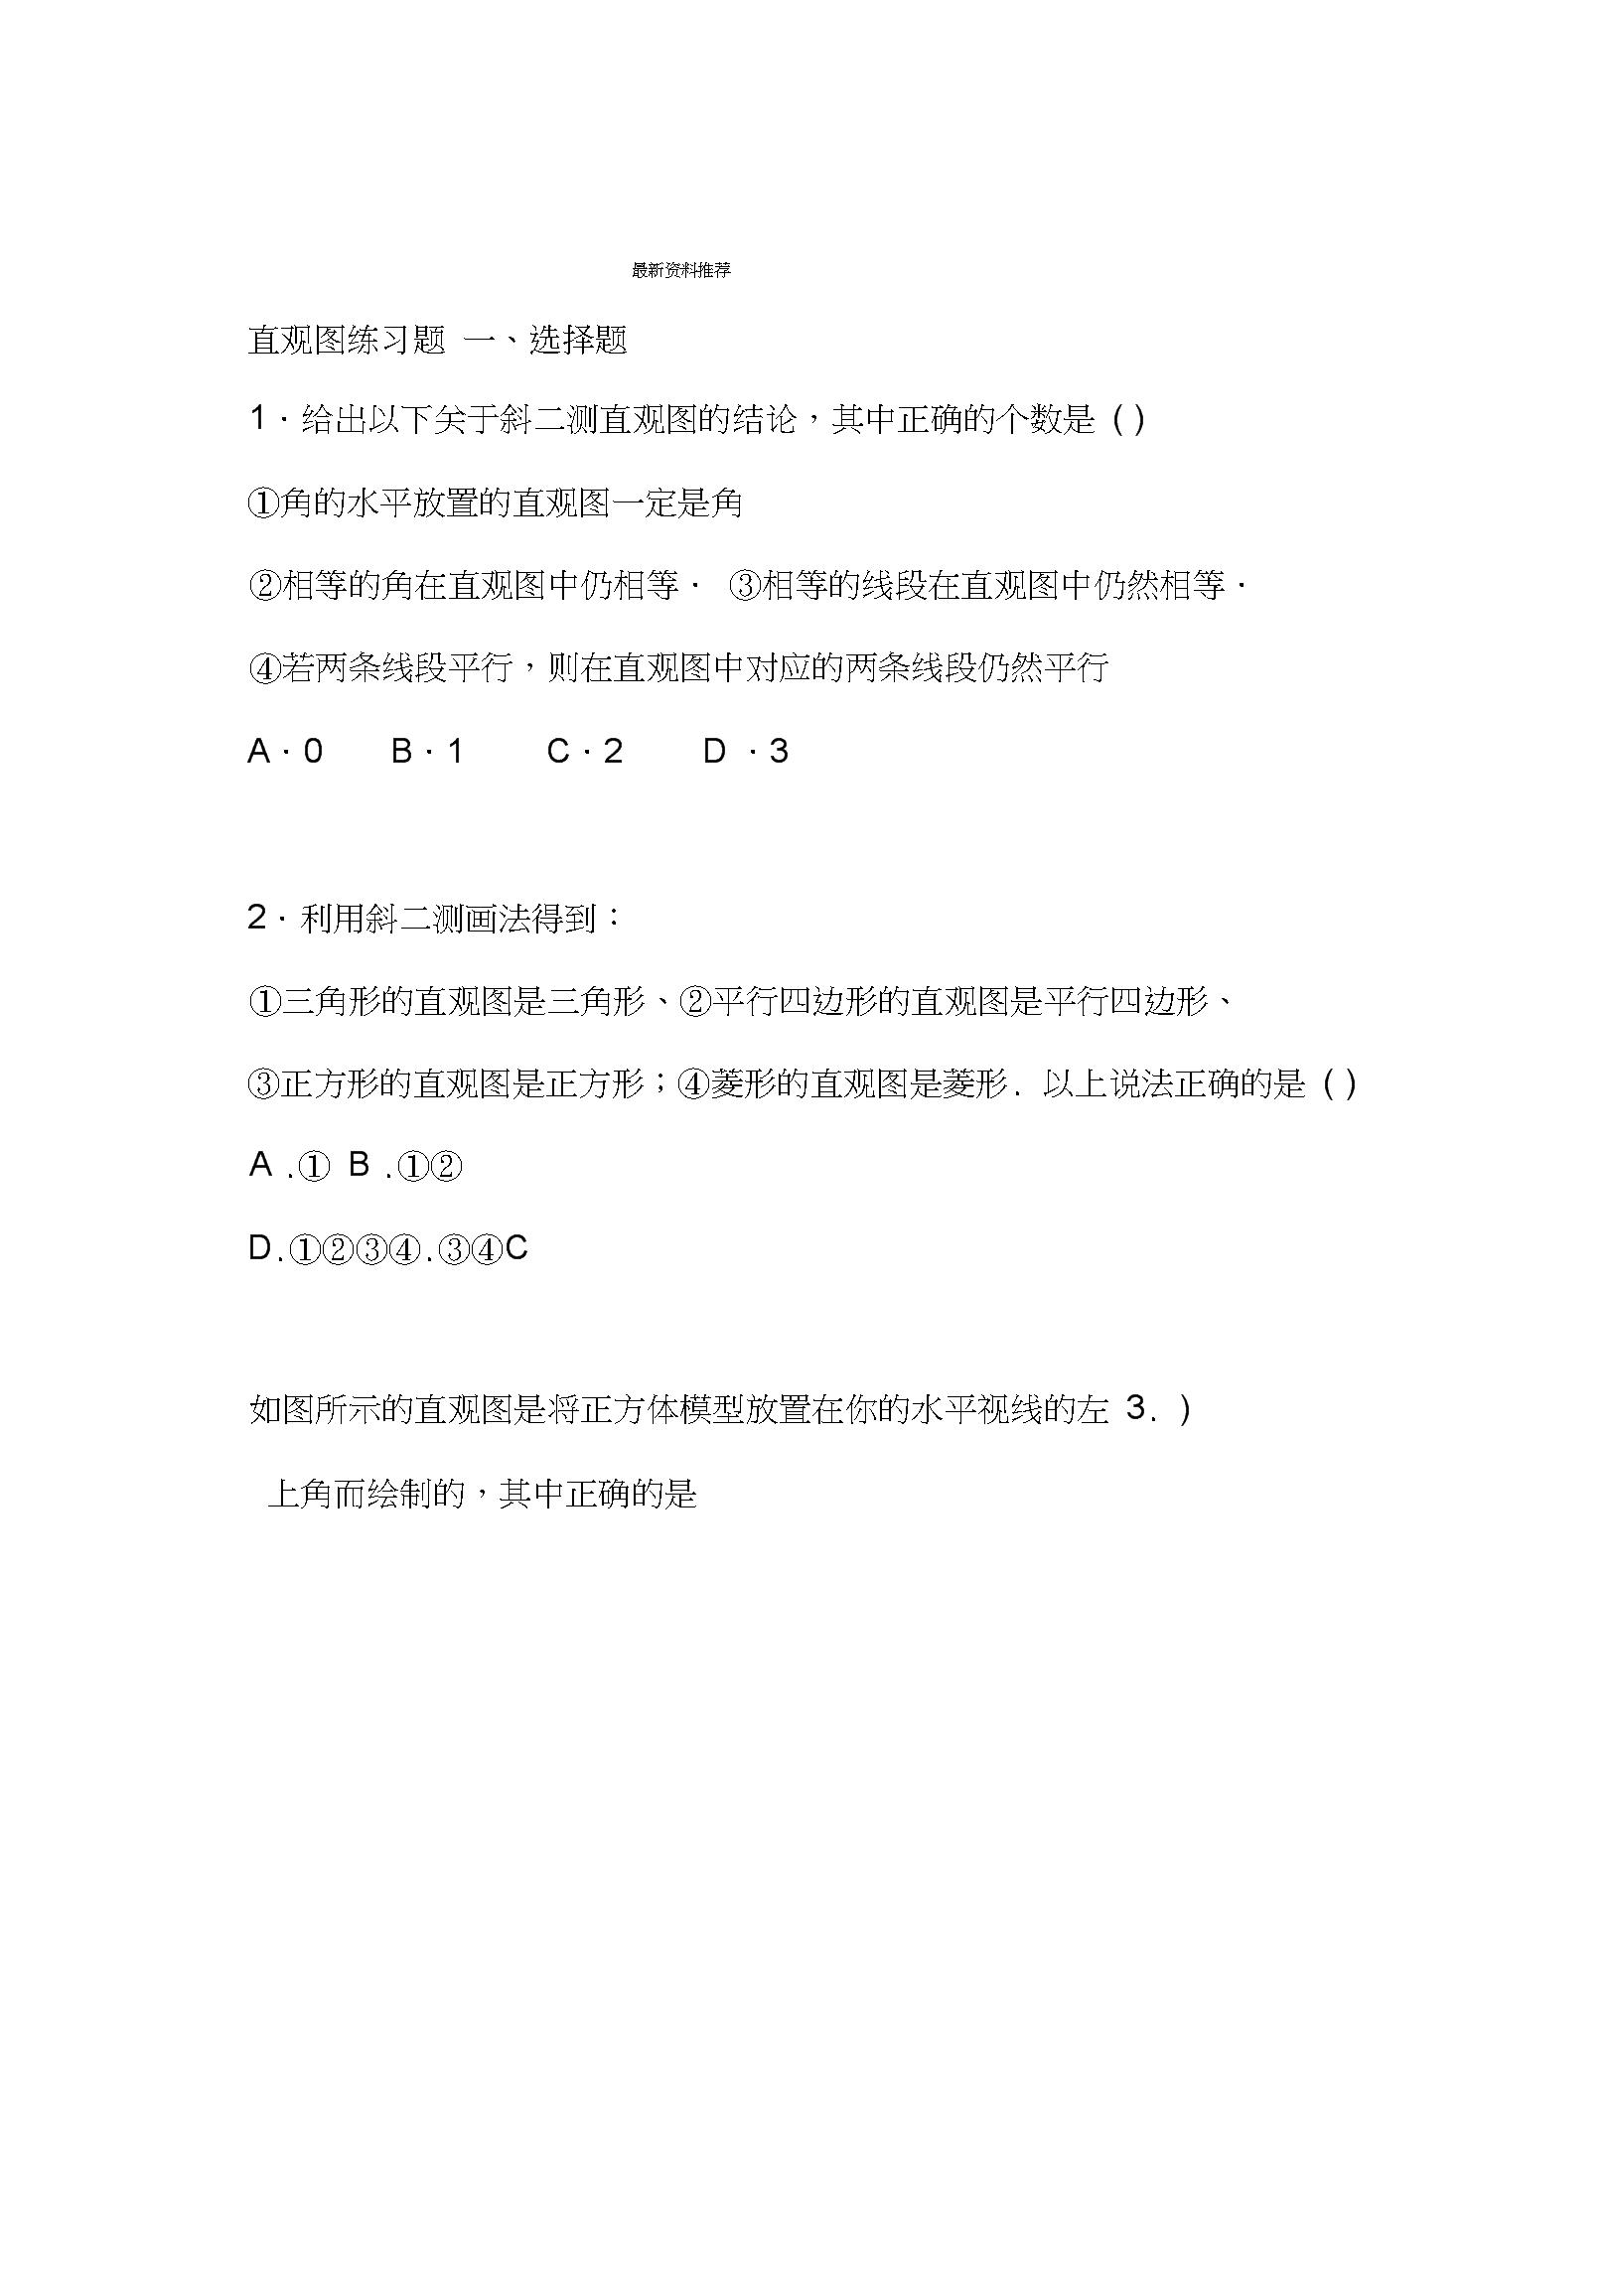 斜二测画法练习题精编版.docx